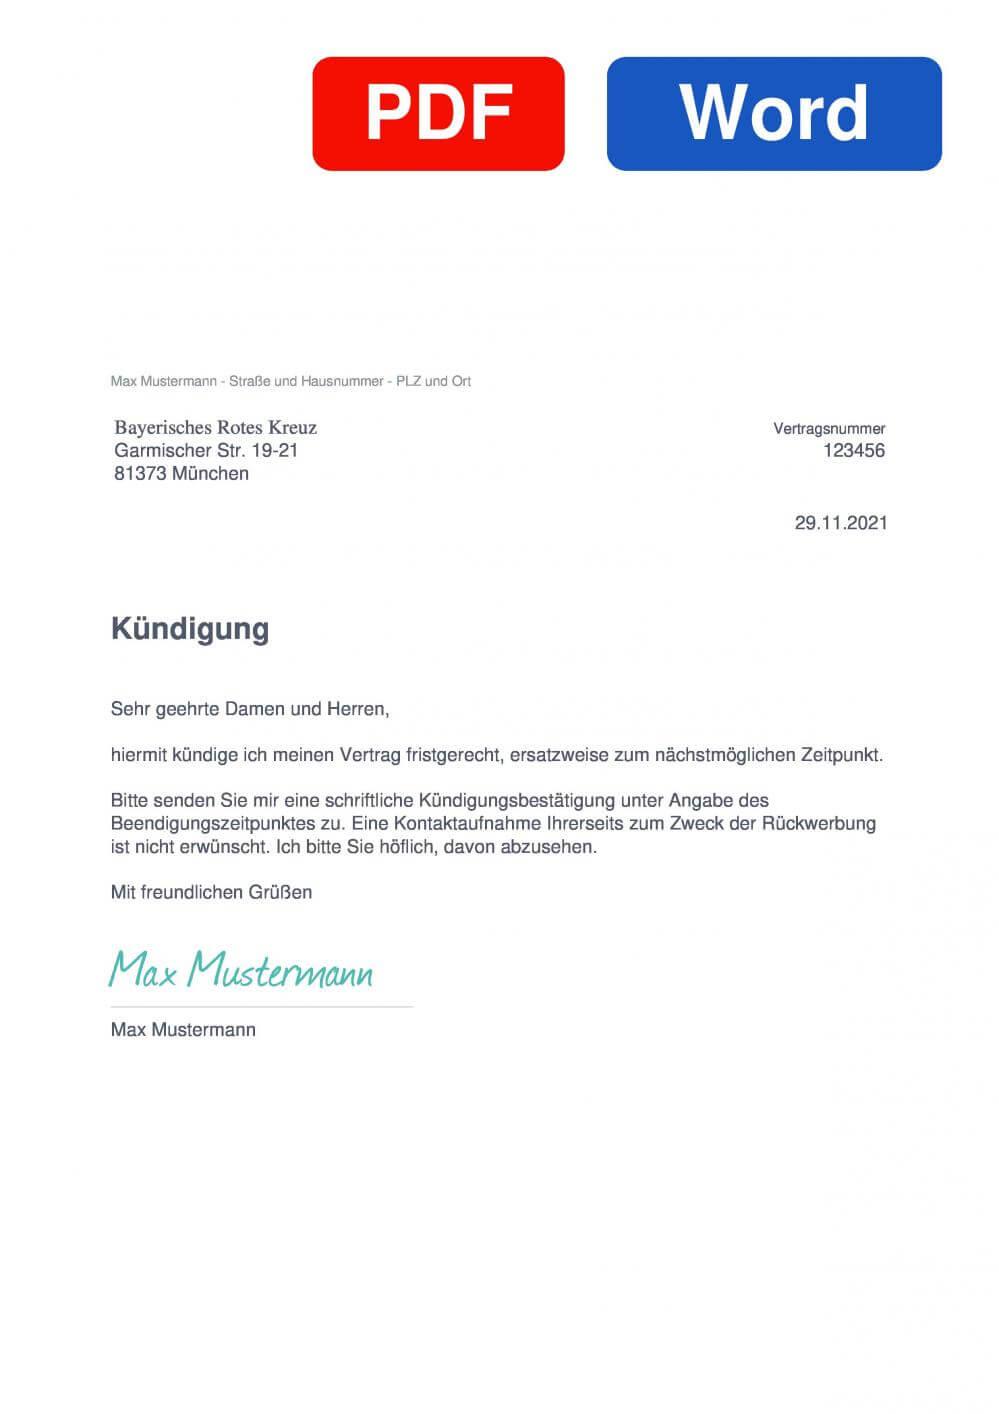 Bayerisches Rotes Kreuz Muster Vorlage für Kündigungsschreiben